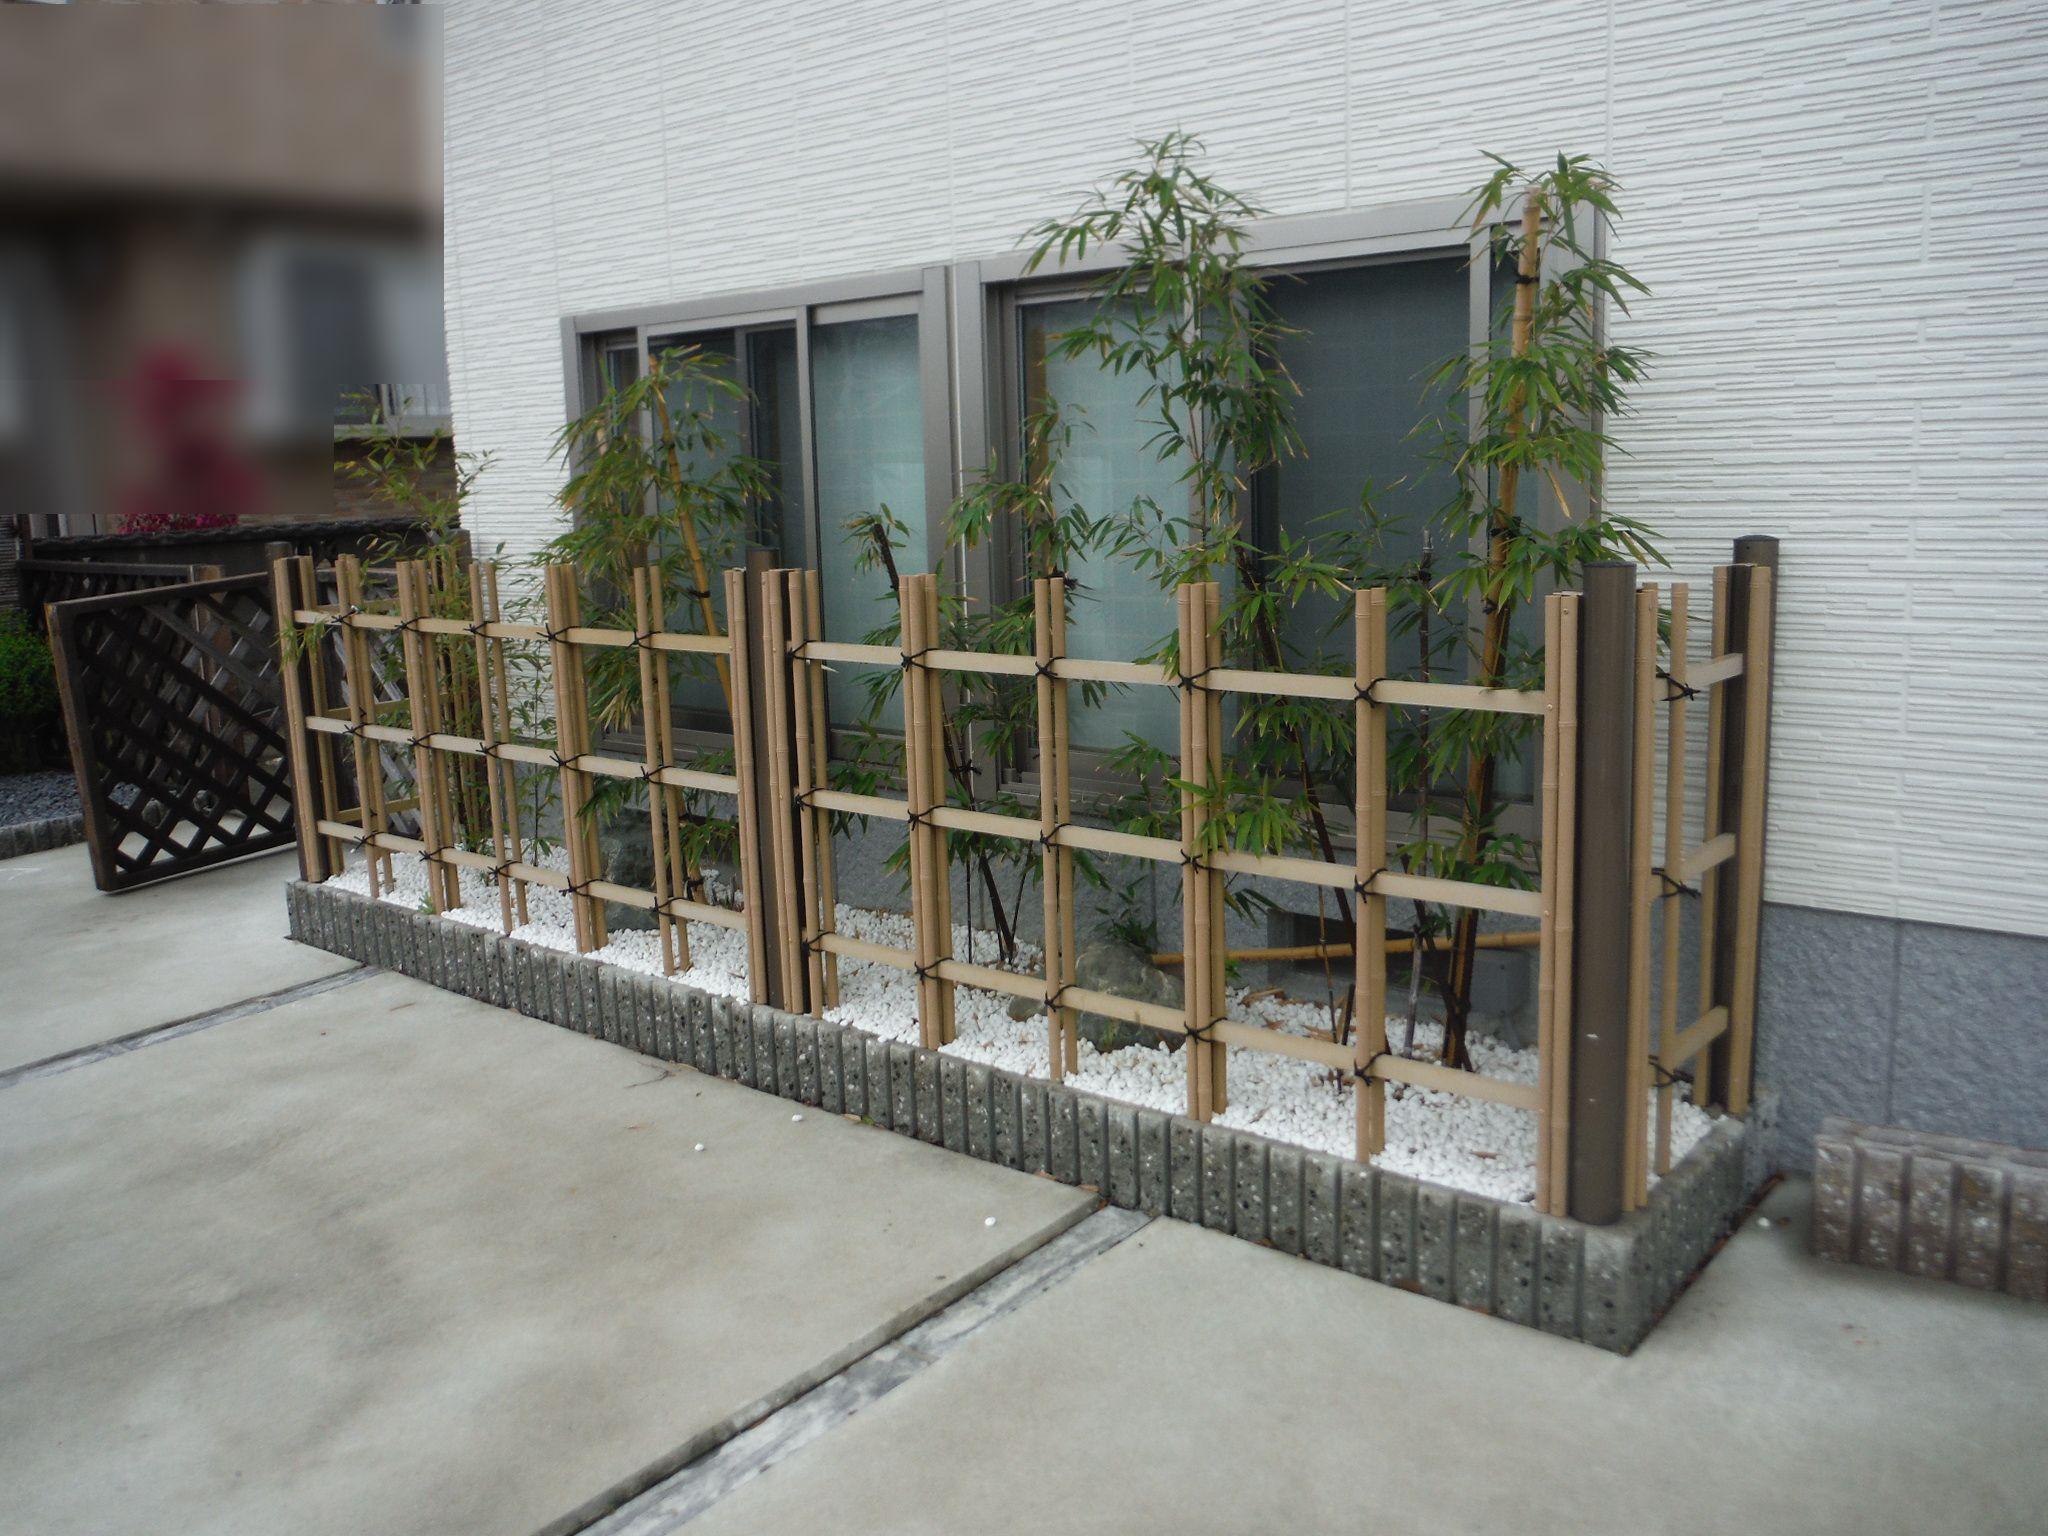 須見造園土木有限会社 ガーデニング施工例2